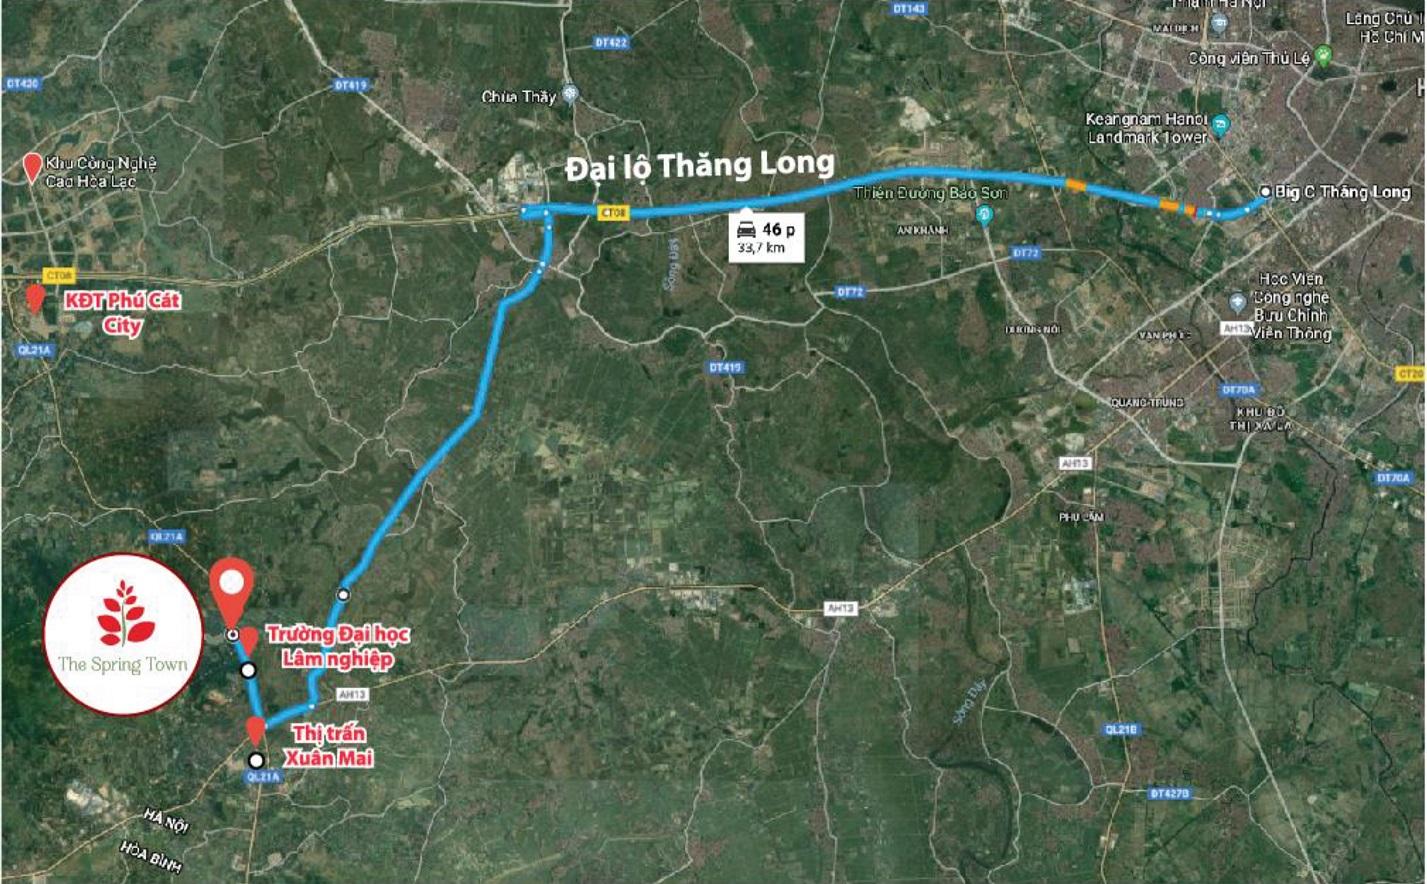 vị trí dự án the spring town xuân mai